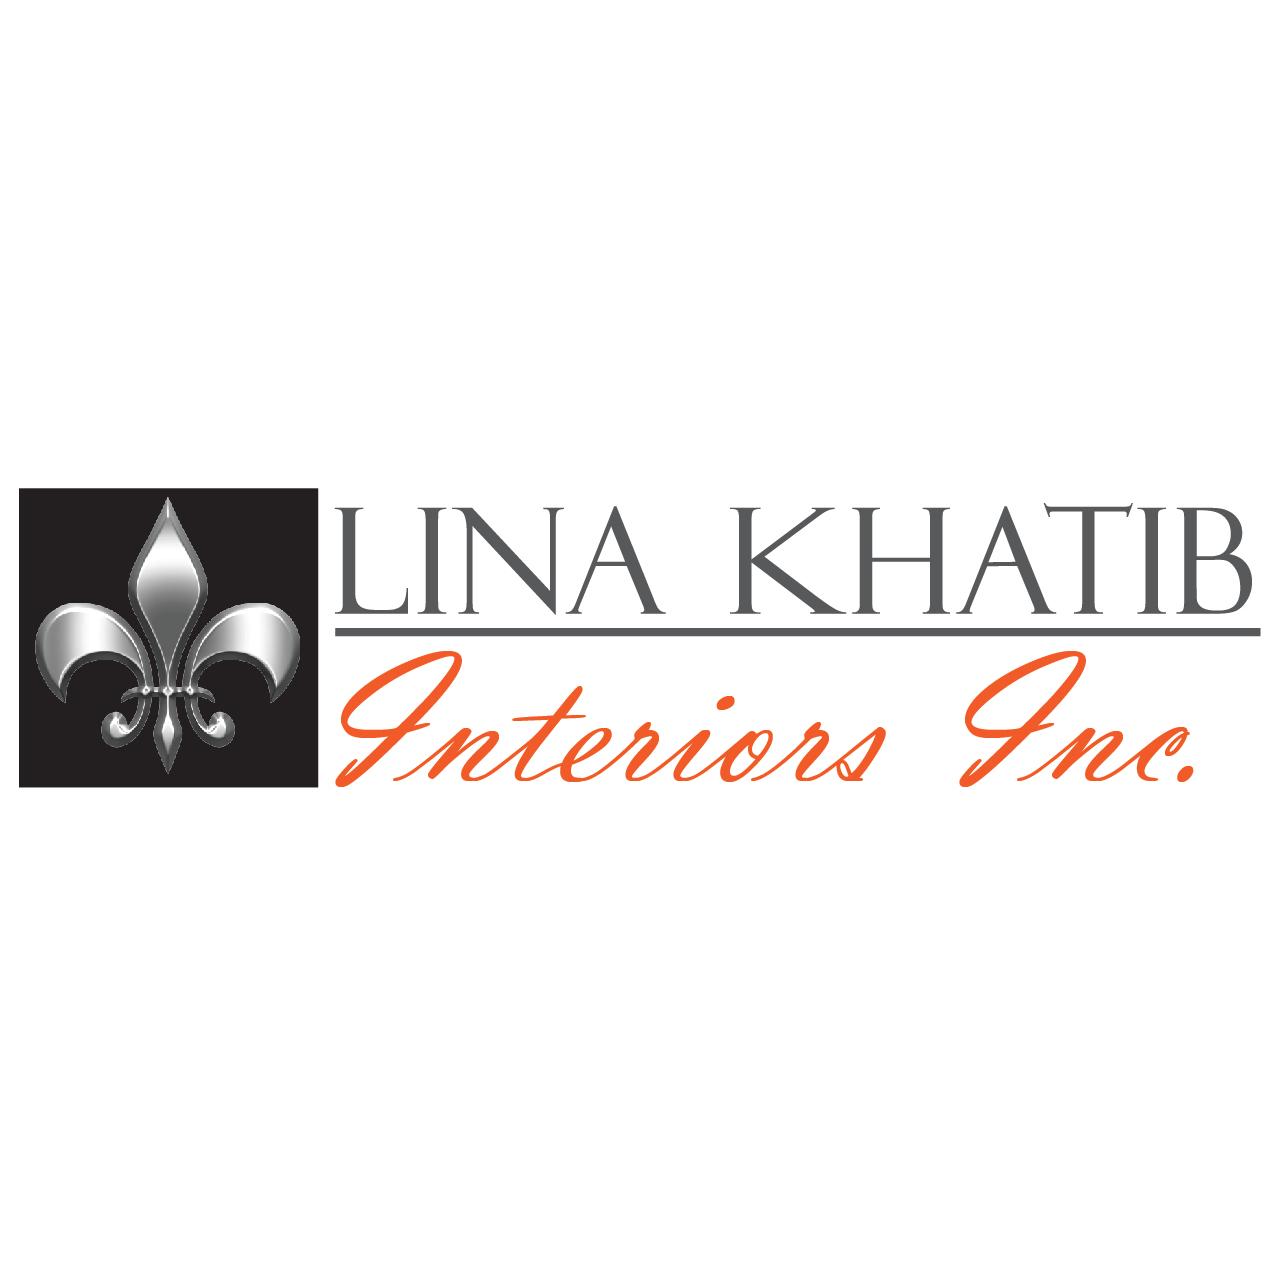 Lina Khatib Interiors Inc.